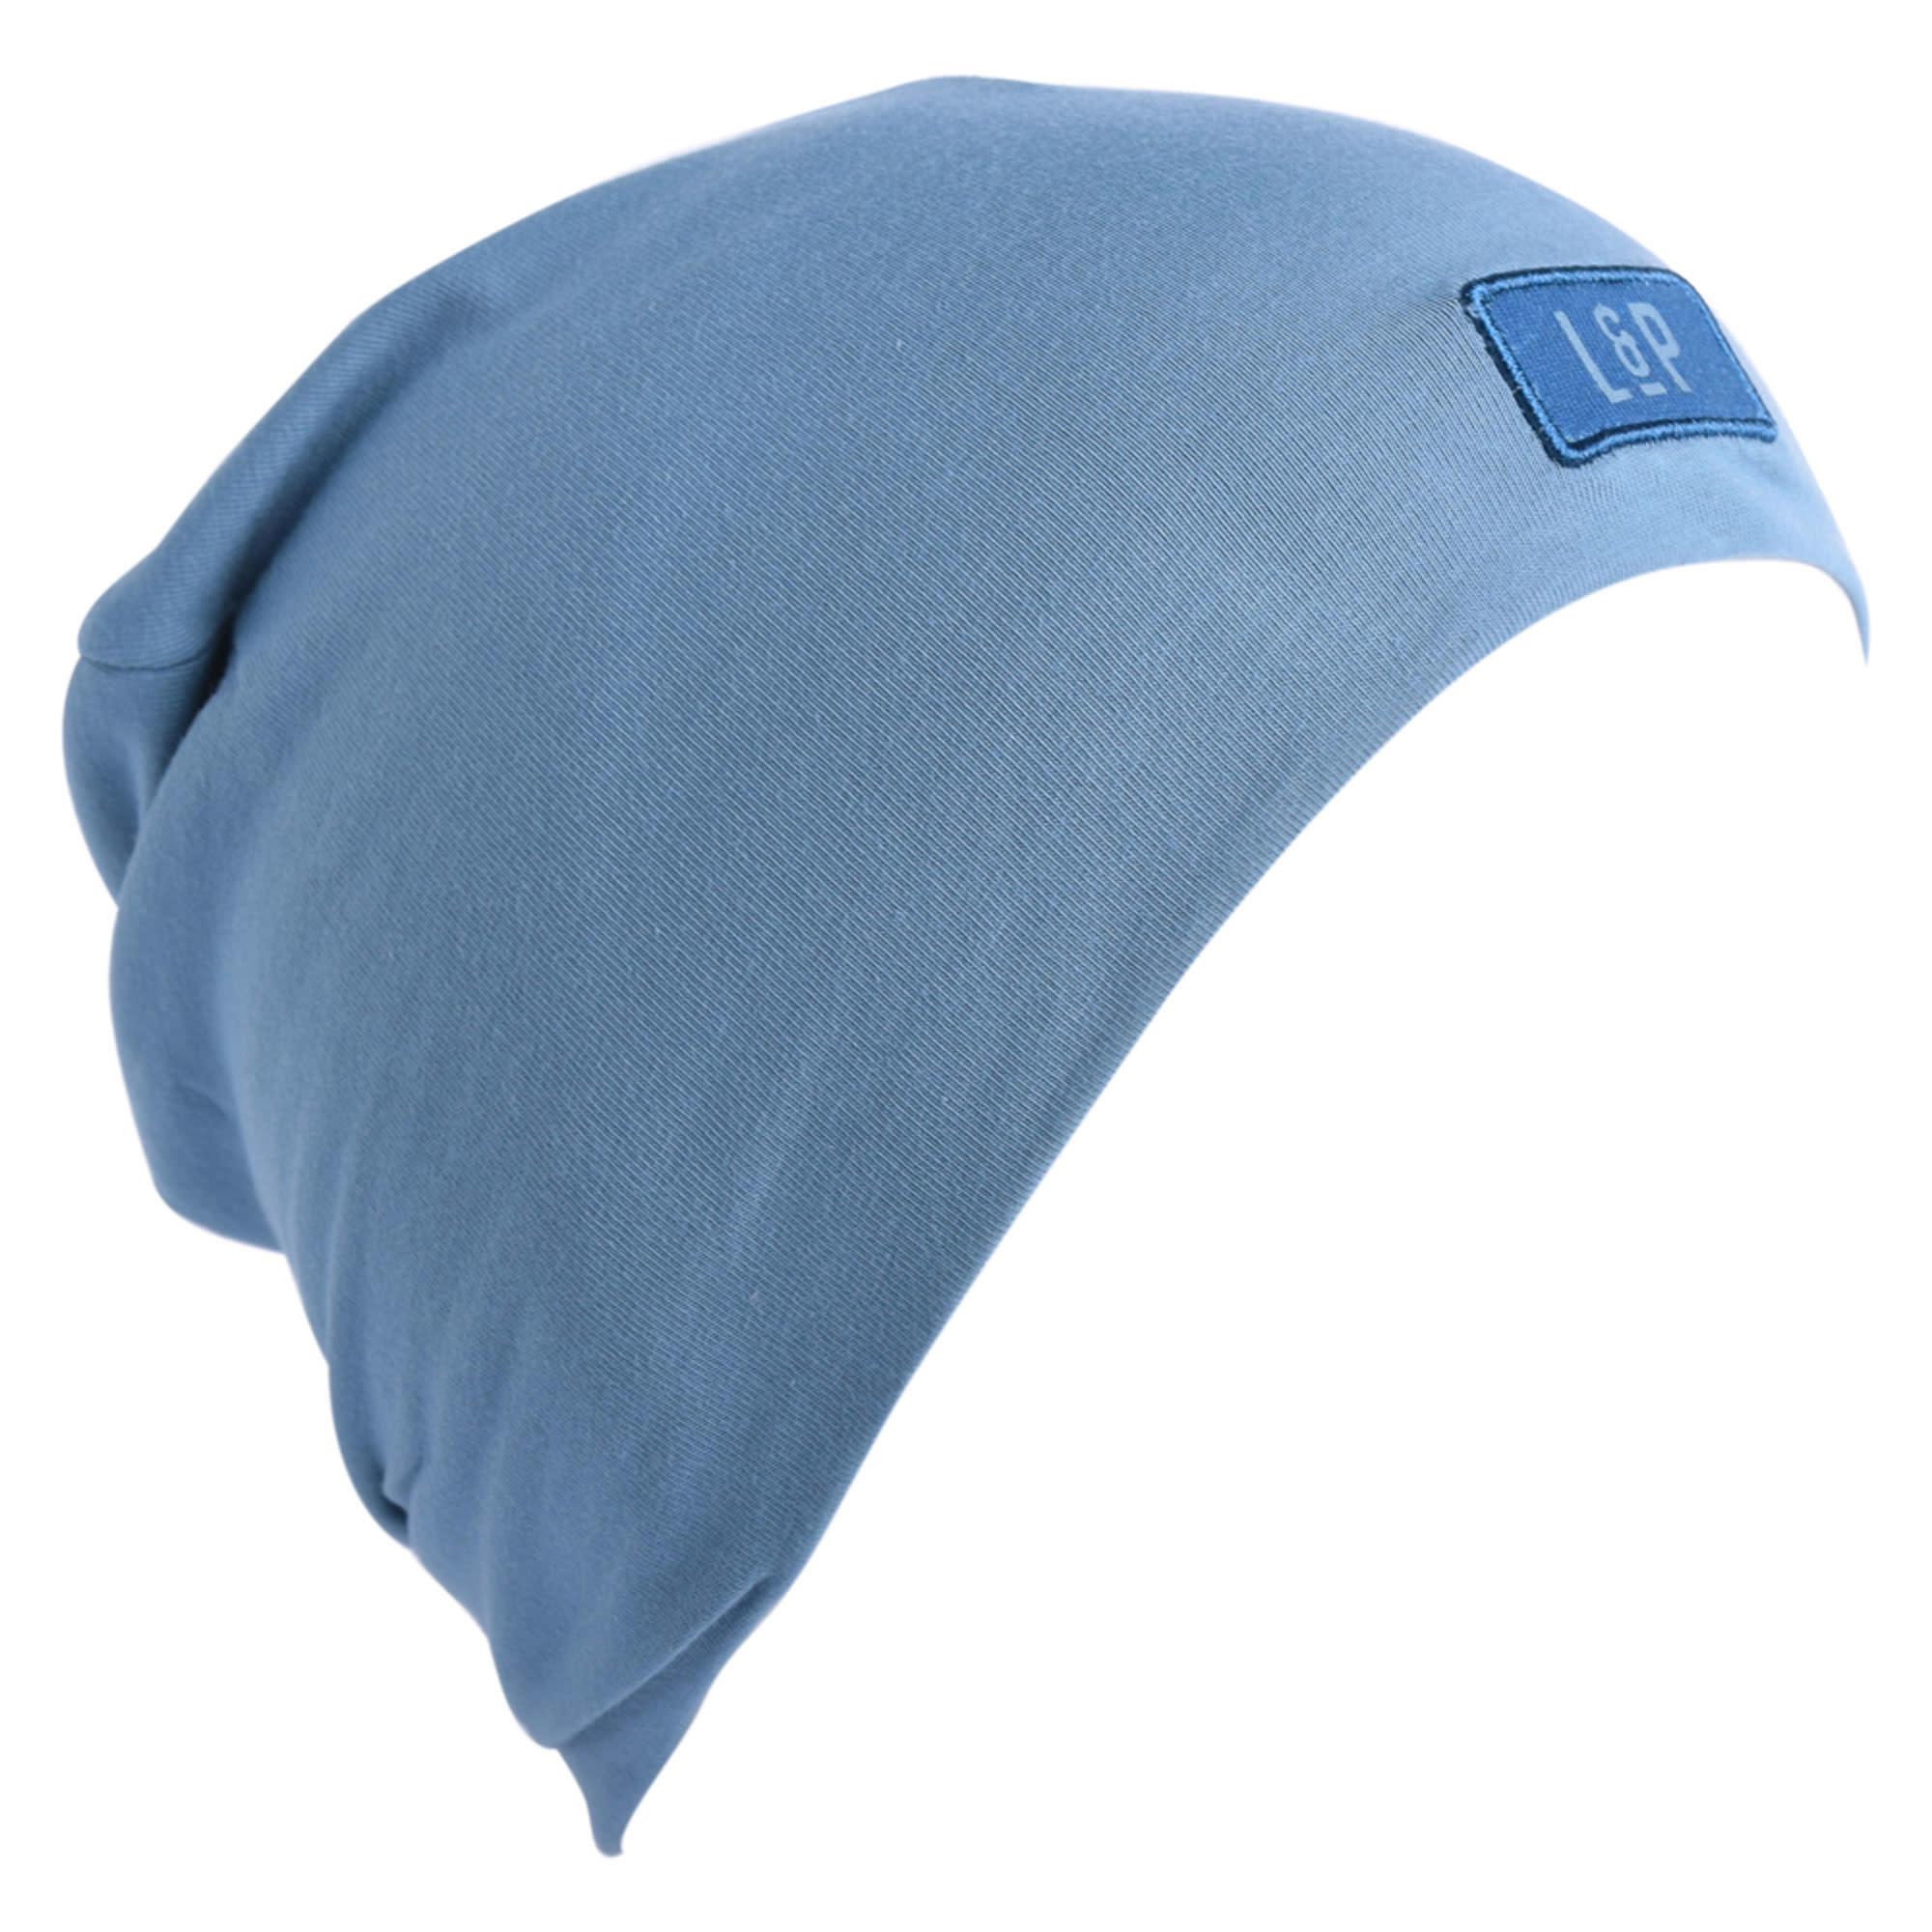 Tuque Coton - BOSTON V20 Bleu Mer-1